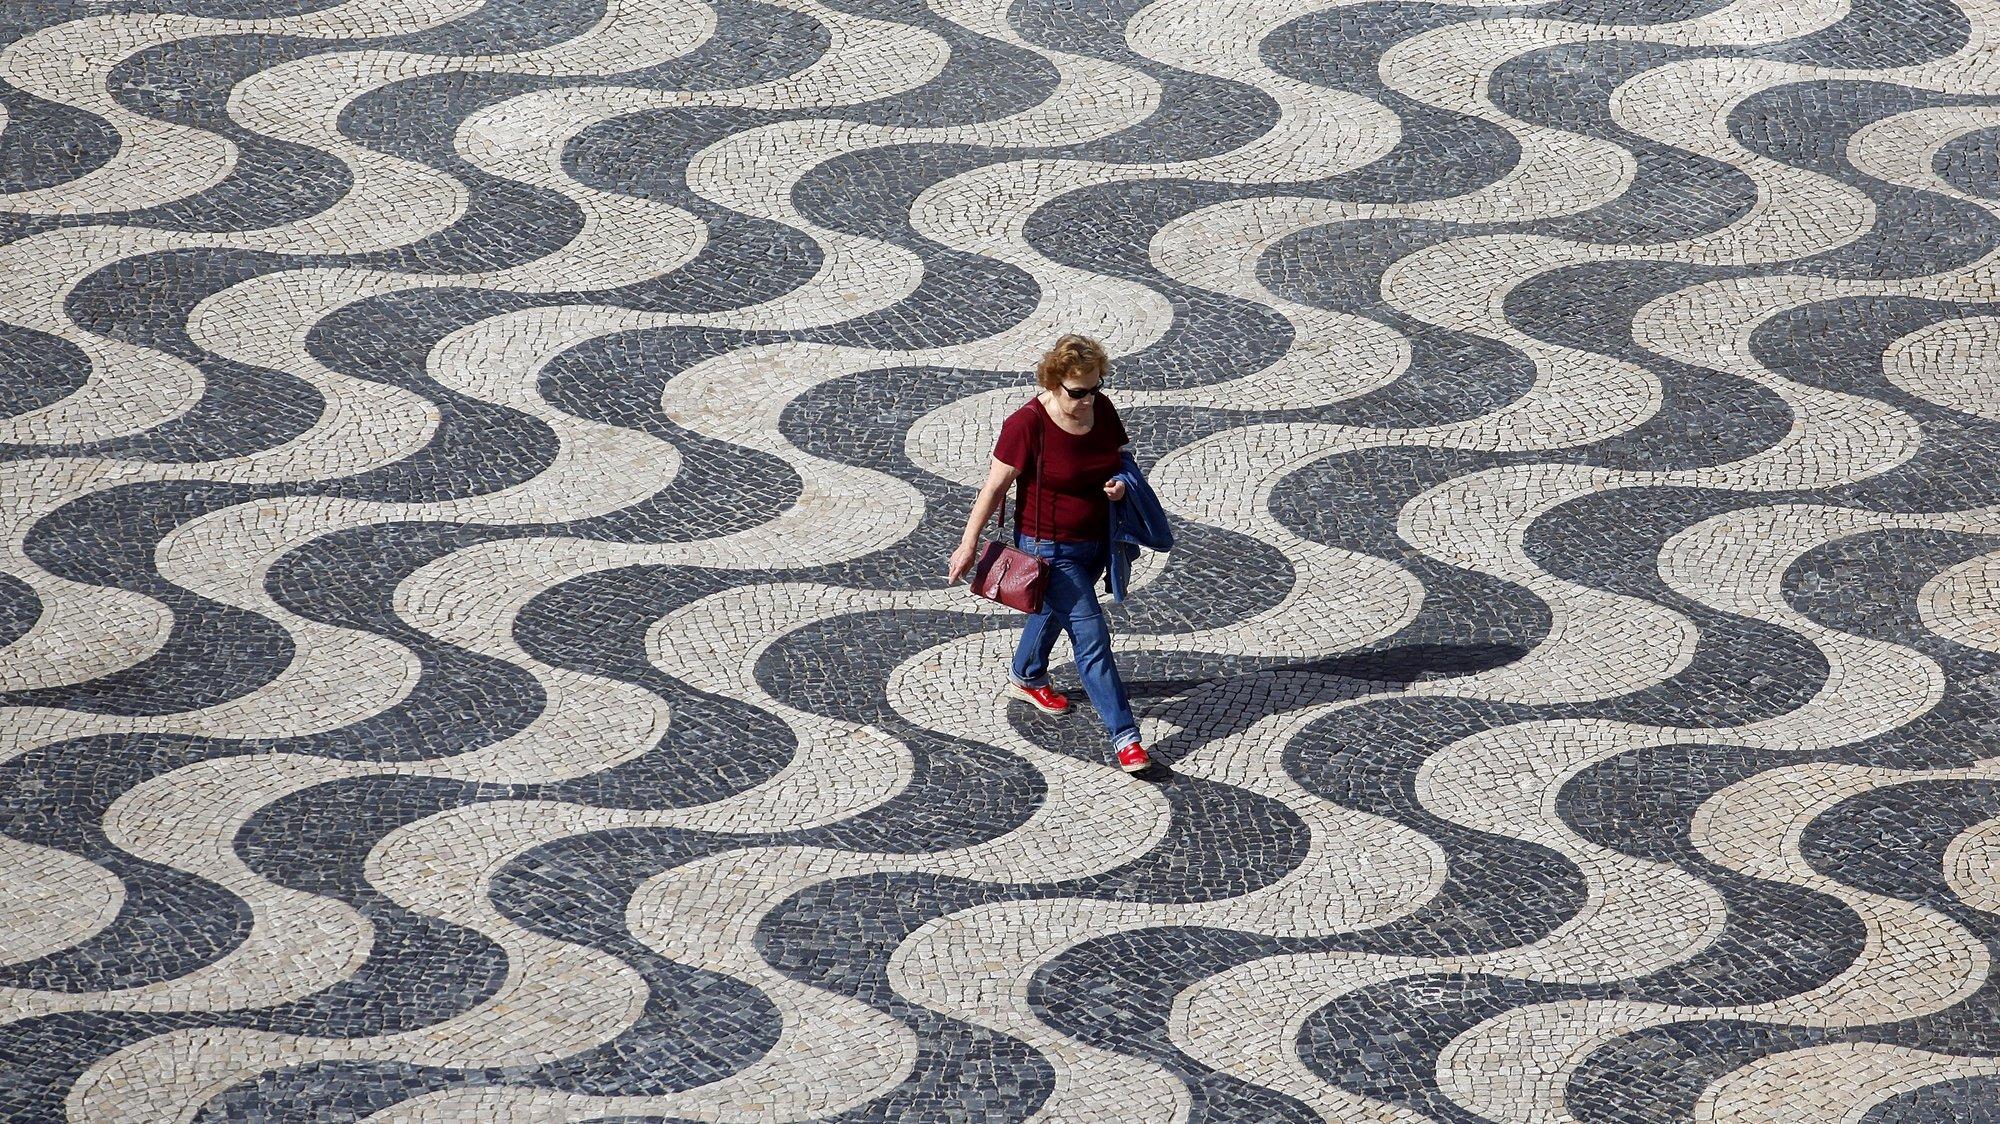 Calçada portuguesa junto à Câmara Municipal de Cascais, 16 de junho de 2017. ANTÓNIO PEDRO SANTOS/LUSA